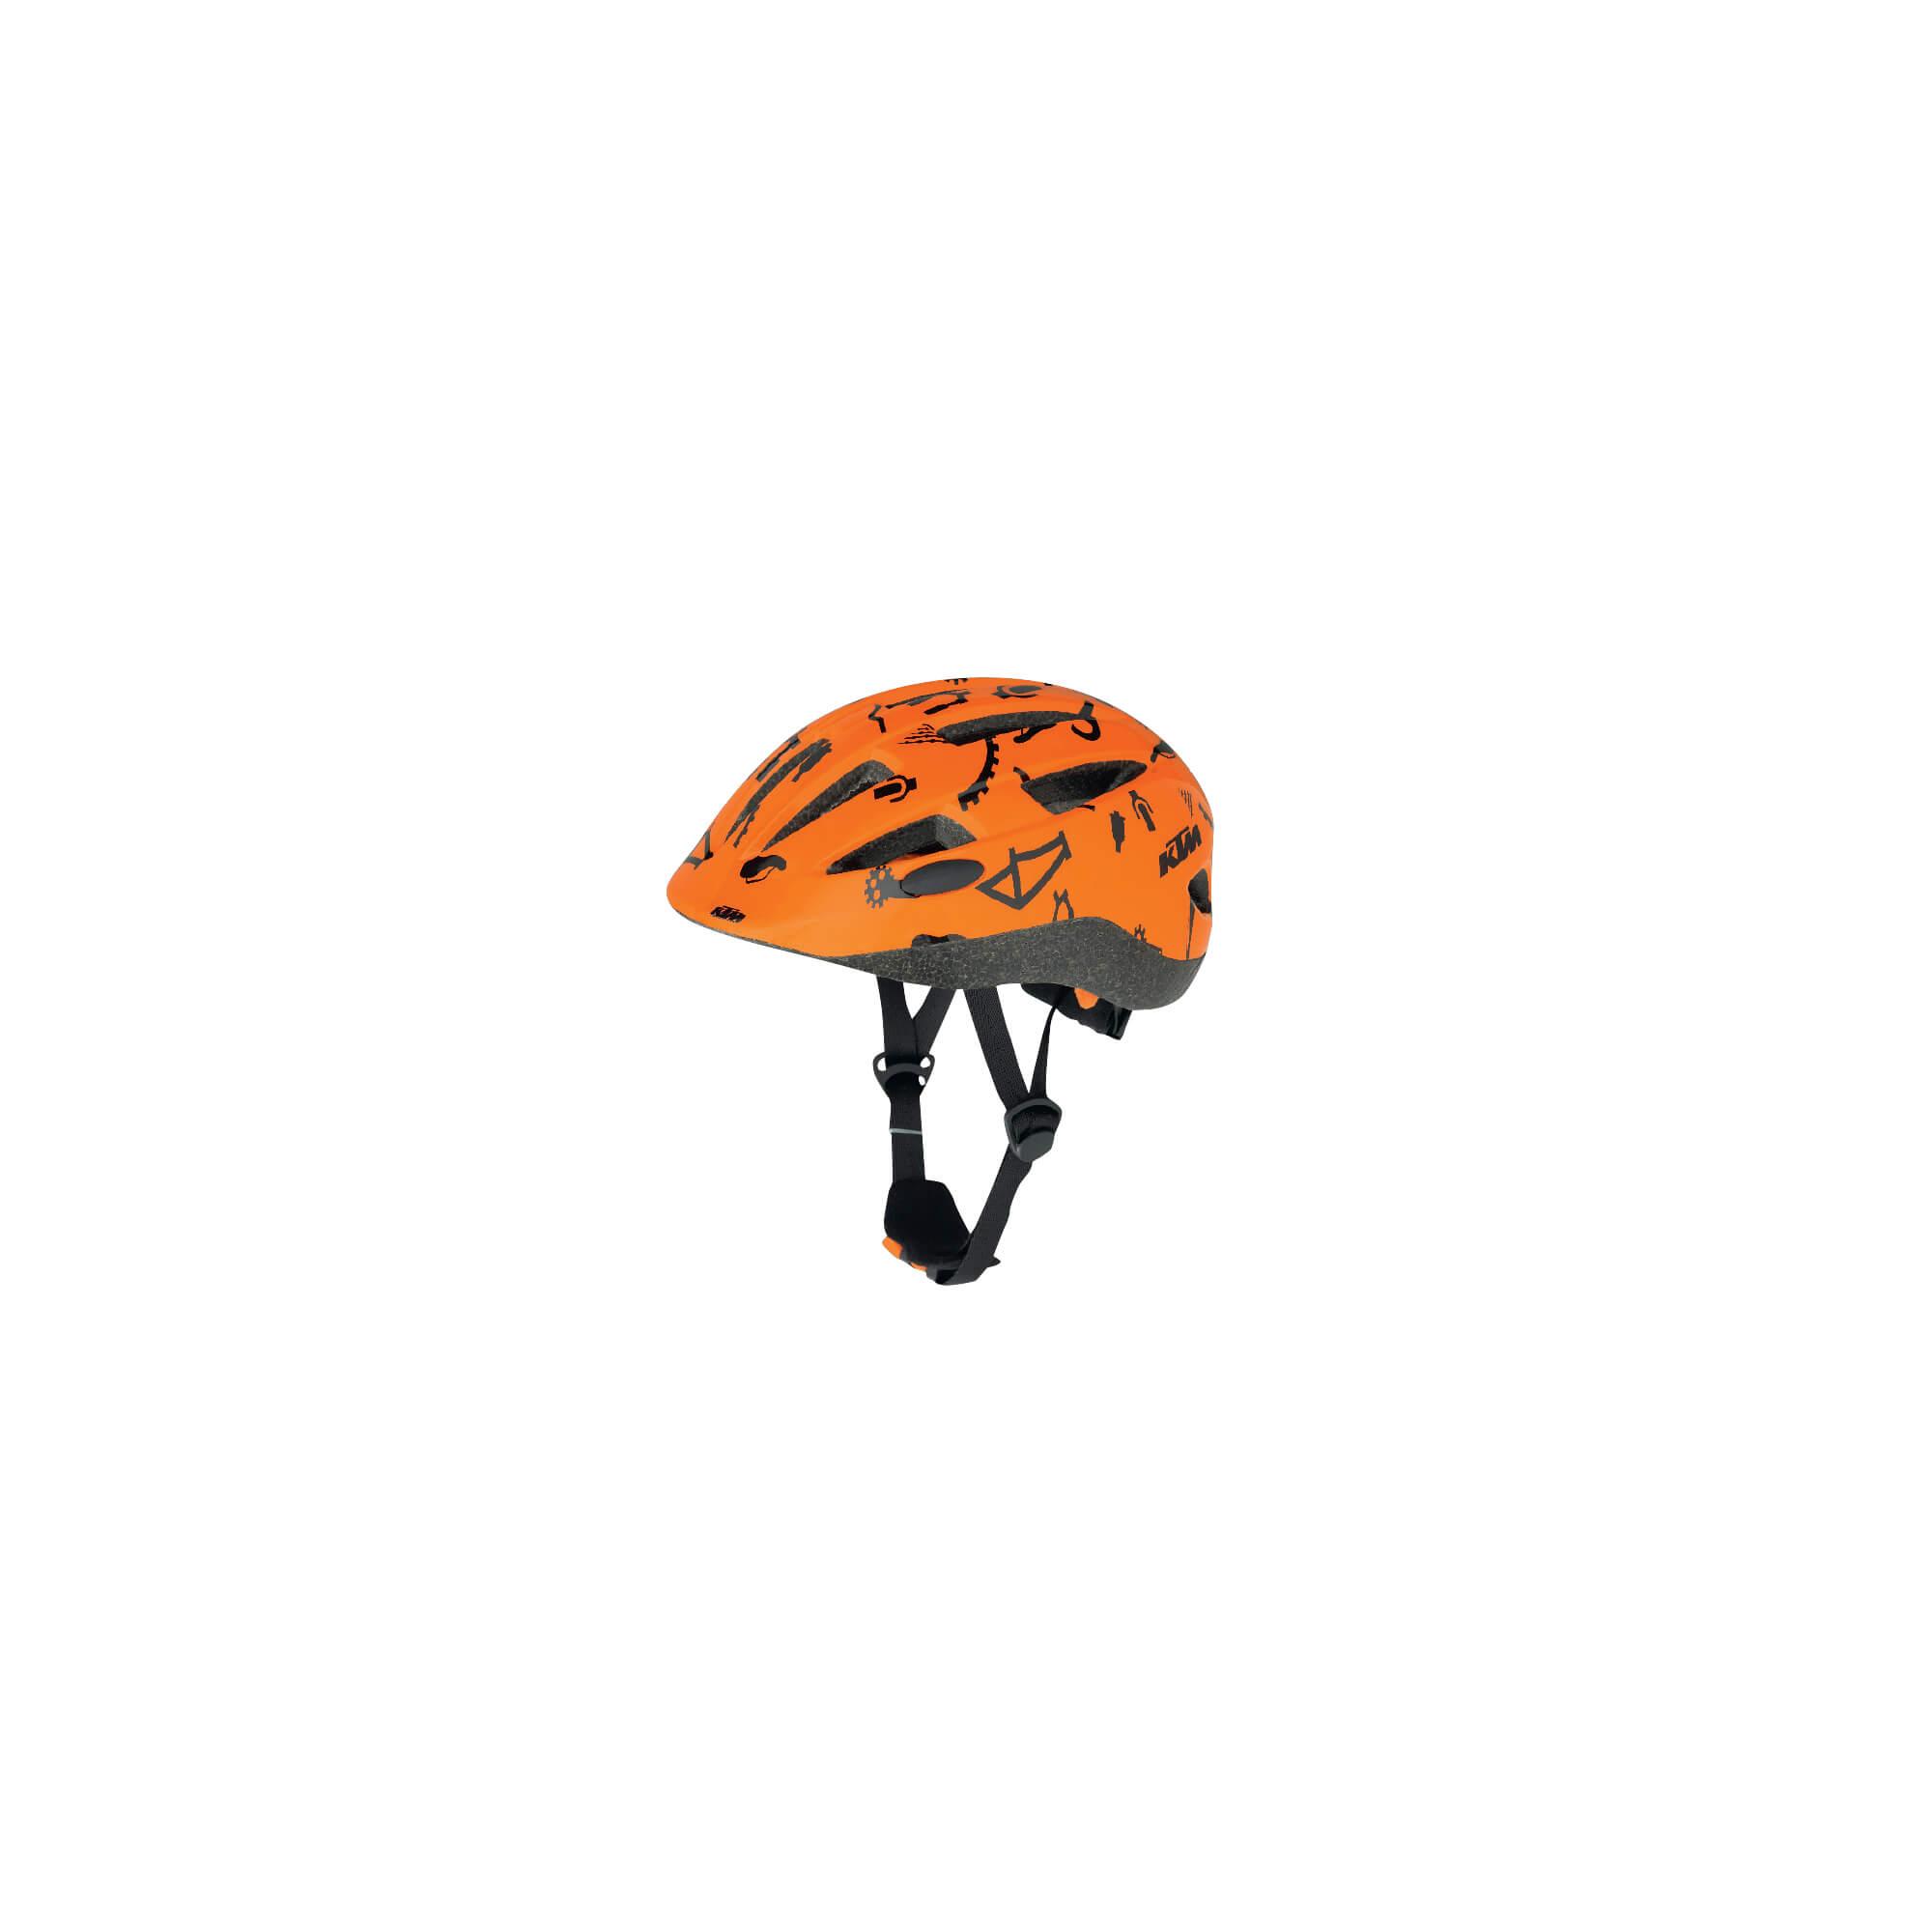 Factory Kids Helmet imagine